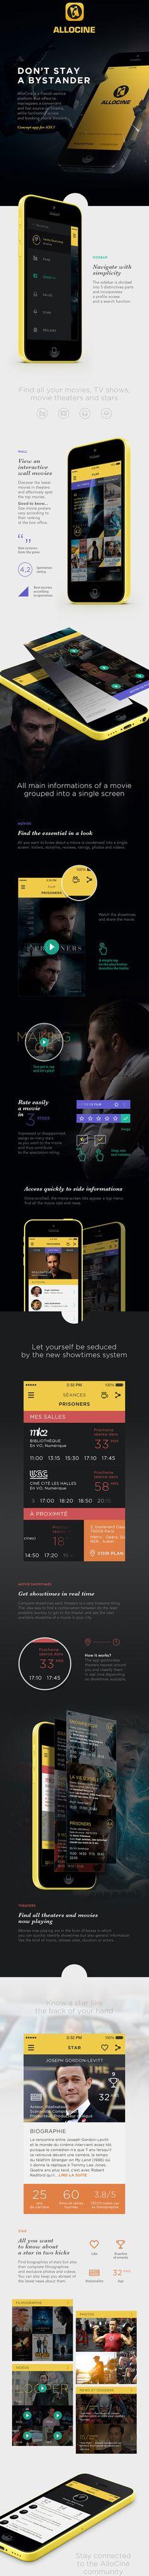 AlloCine – Concept Mobile app